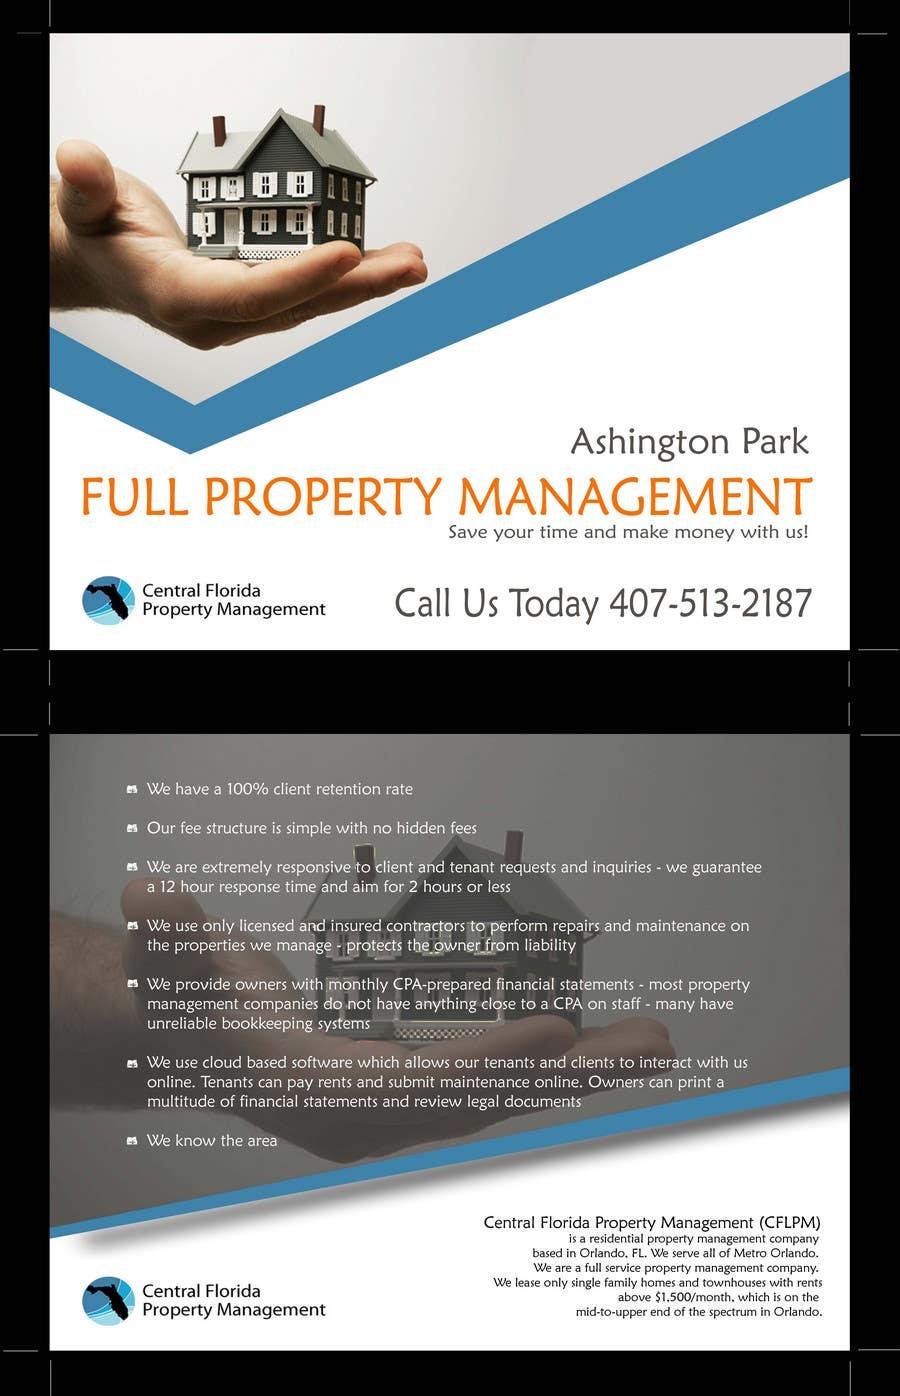 #10 for Ashington Park Flyer Design for Central Florida Property Management by annaputnik